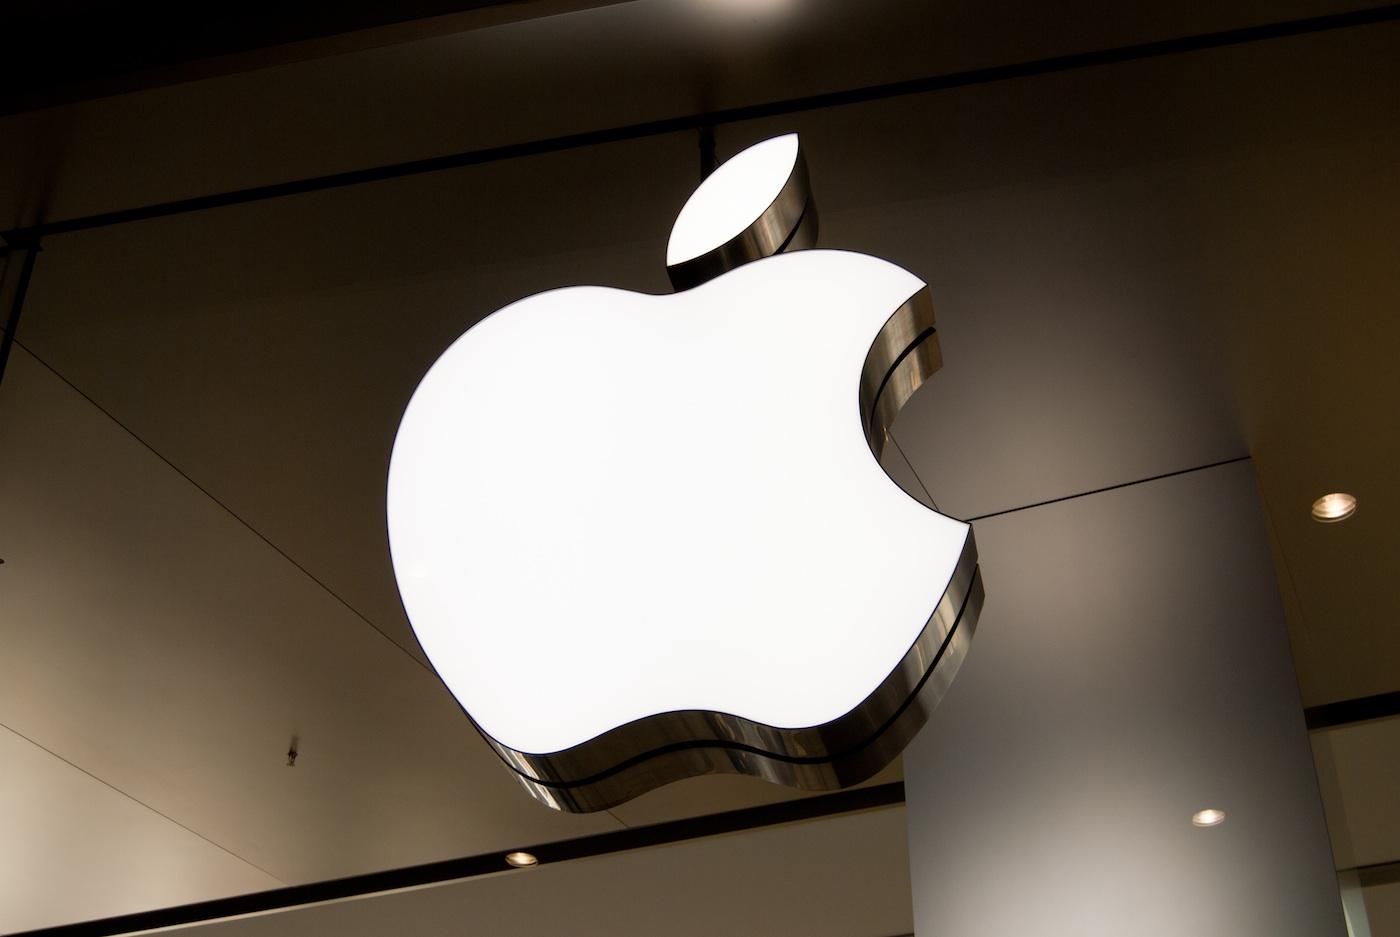 Apple store logo Wallpaper